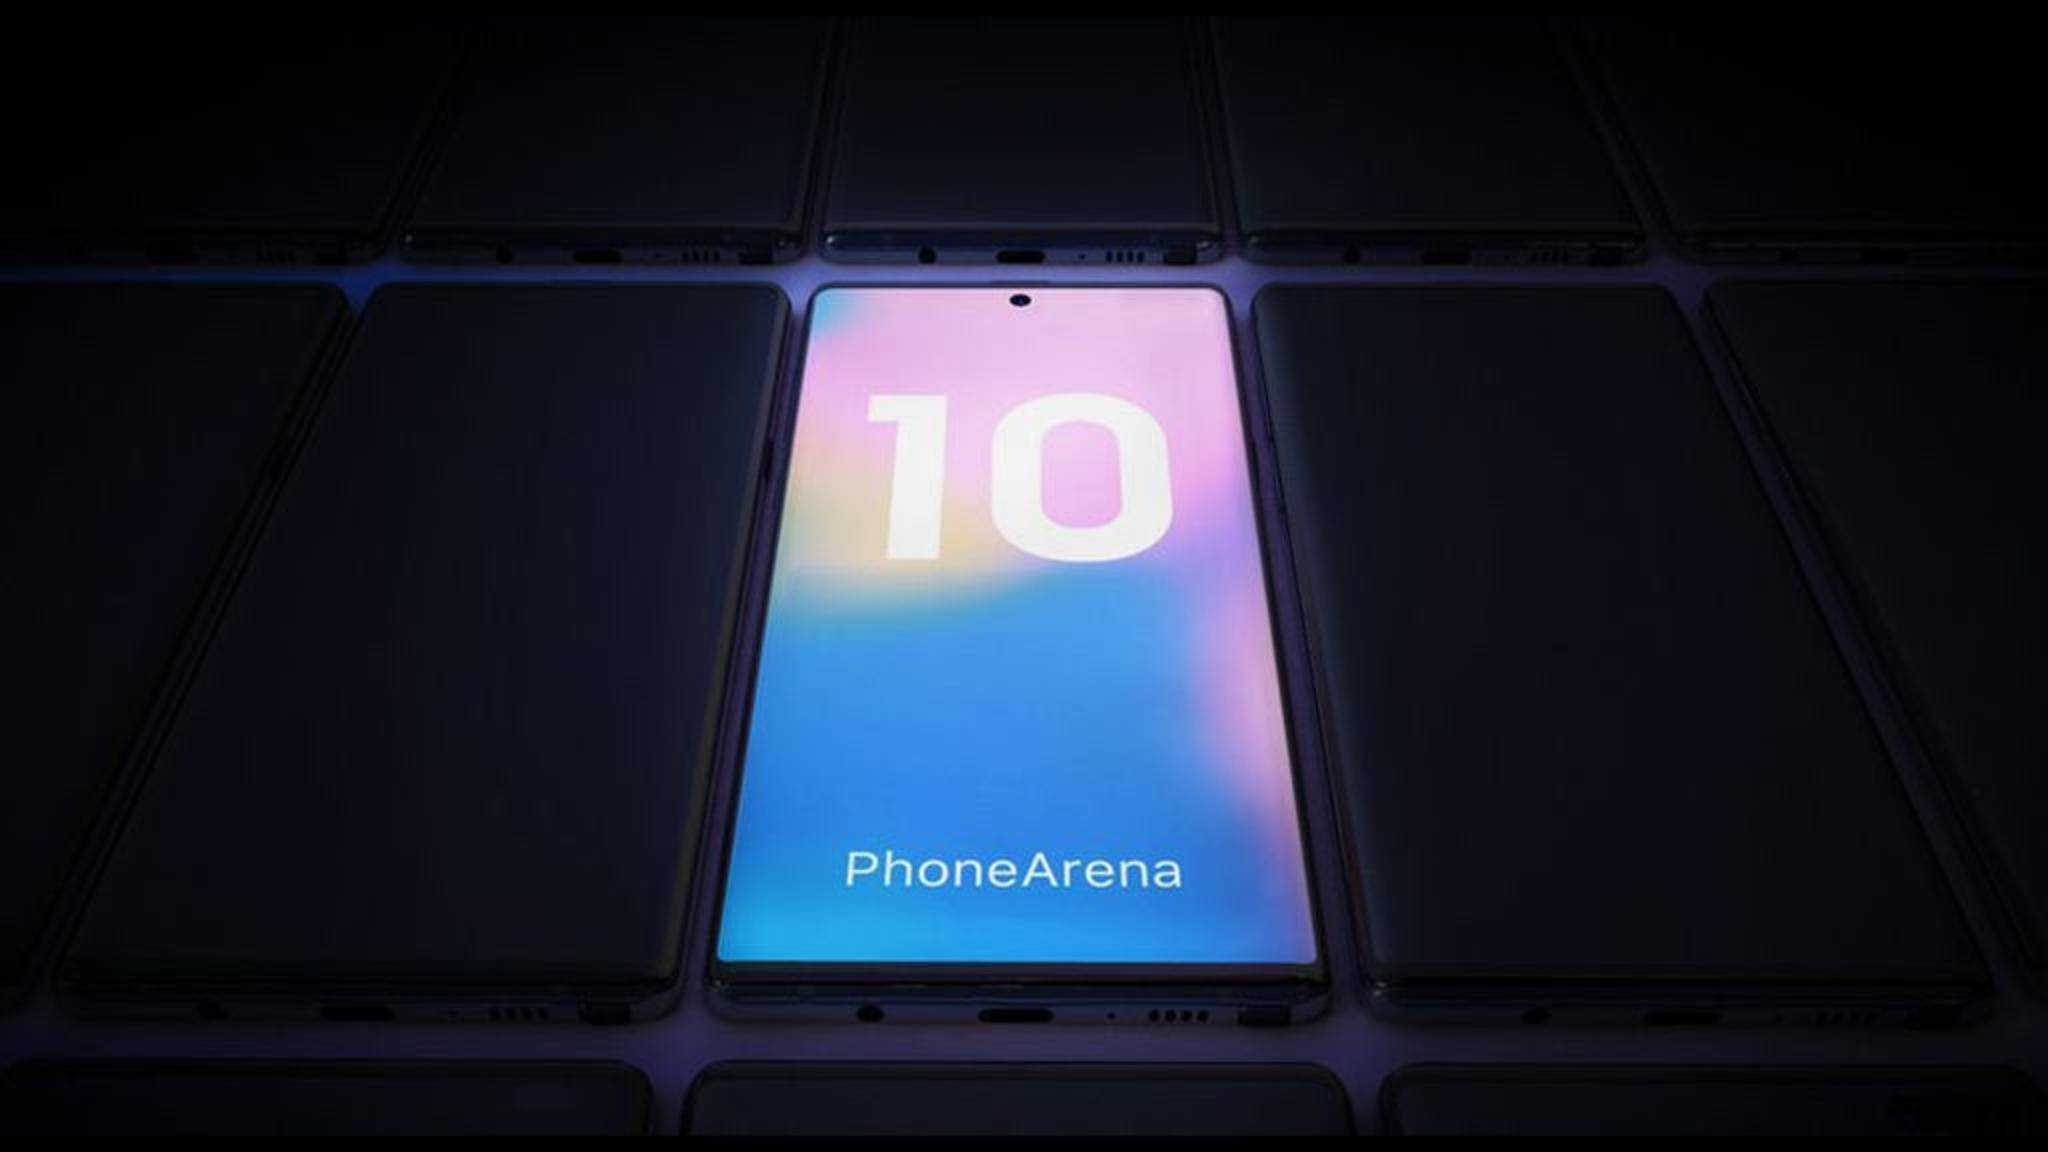 Das Samsung Galaxy Note 10 (Konzeptbild) soll die Selfie-Kamera in die obere Mitte des Displays versetzen.